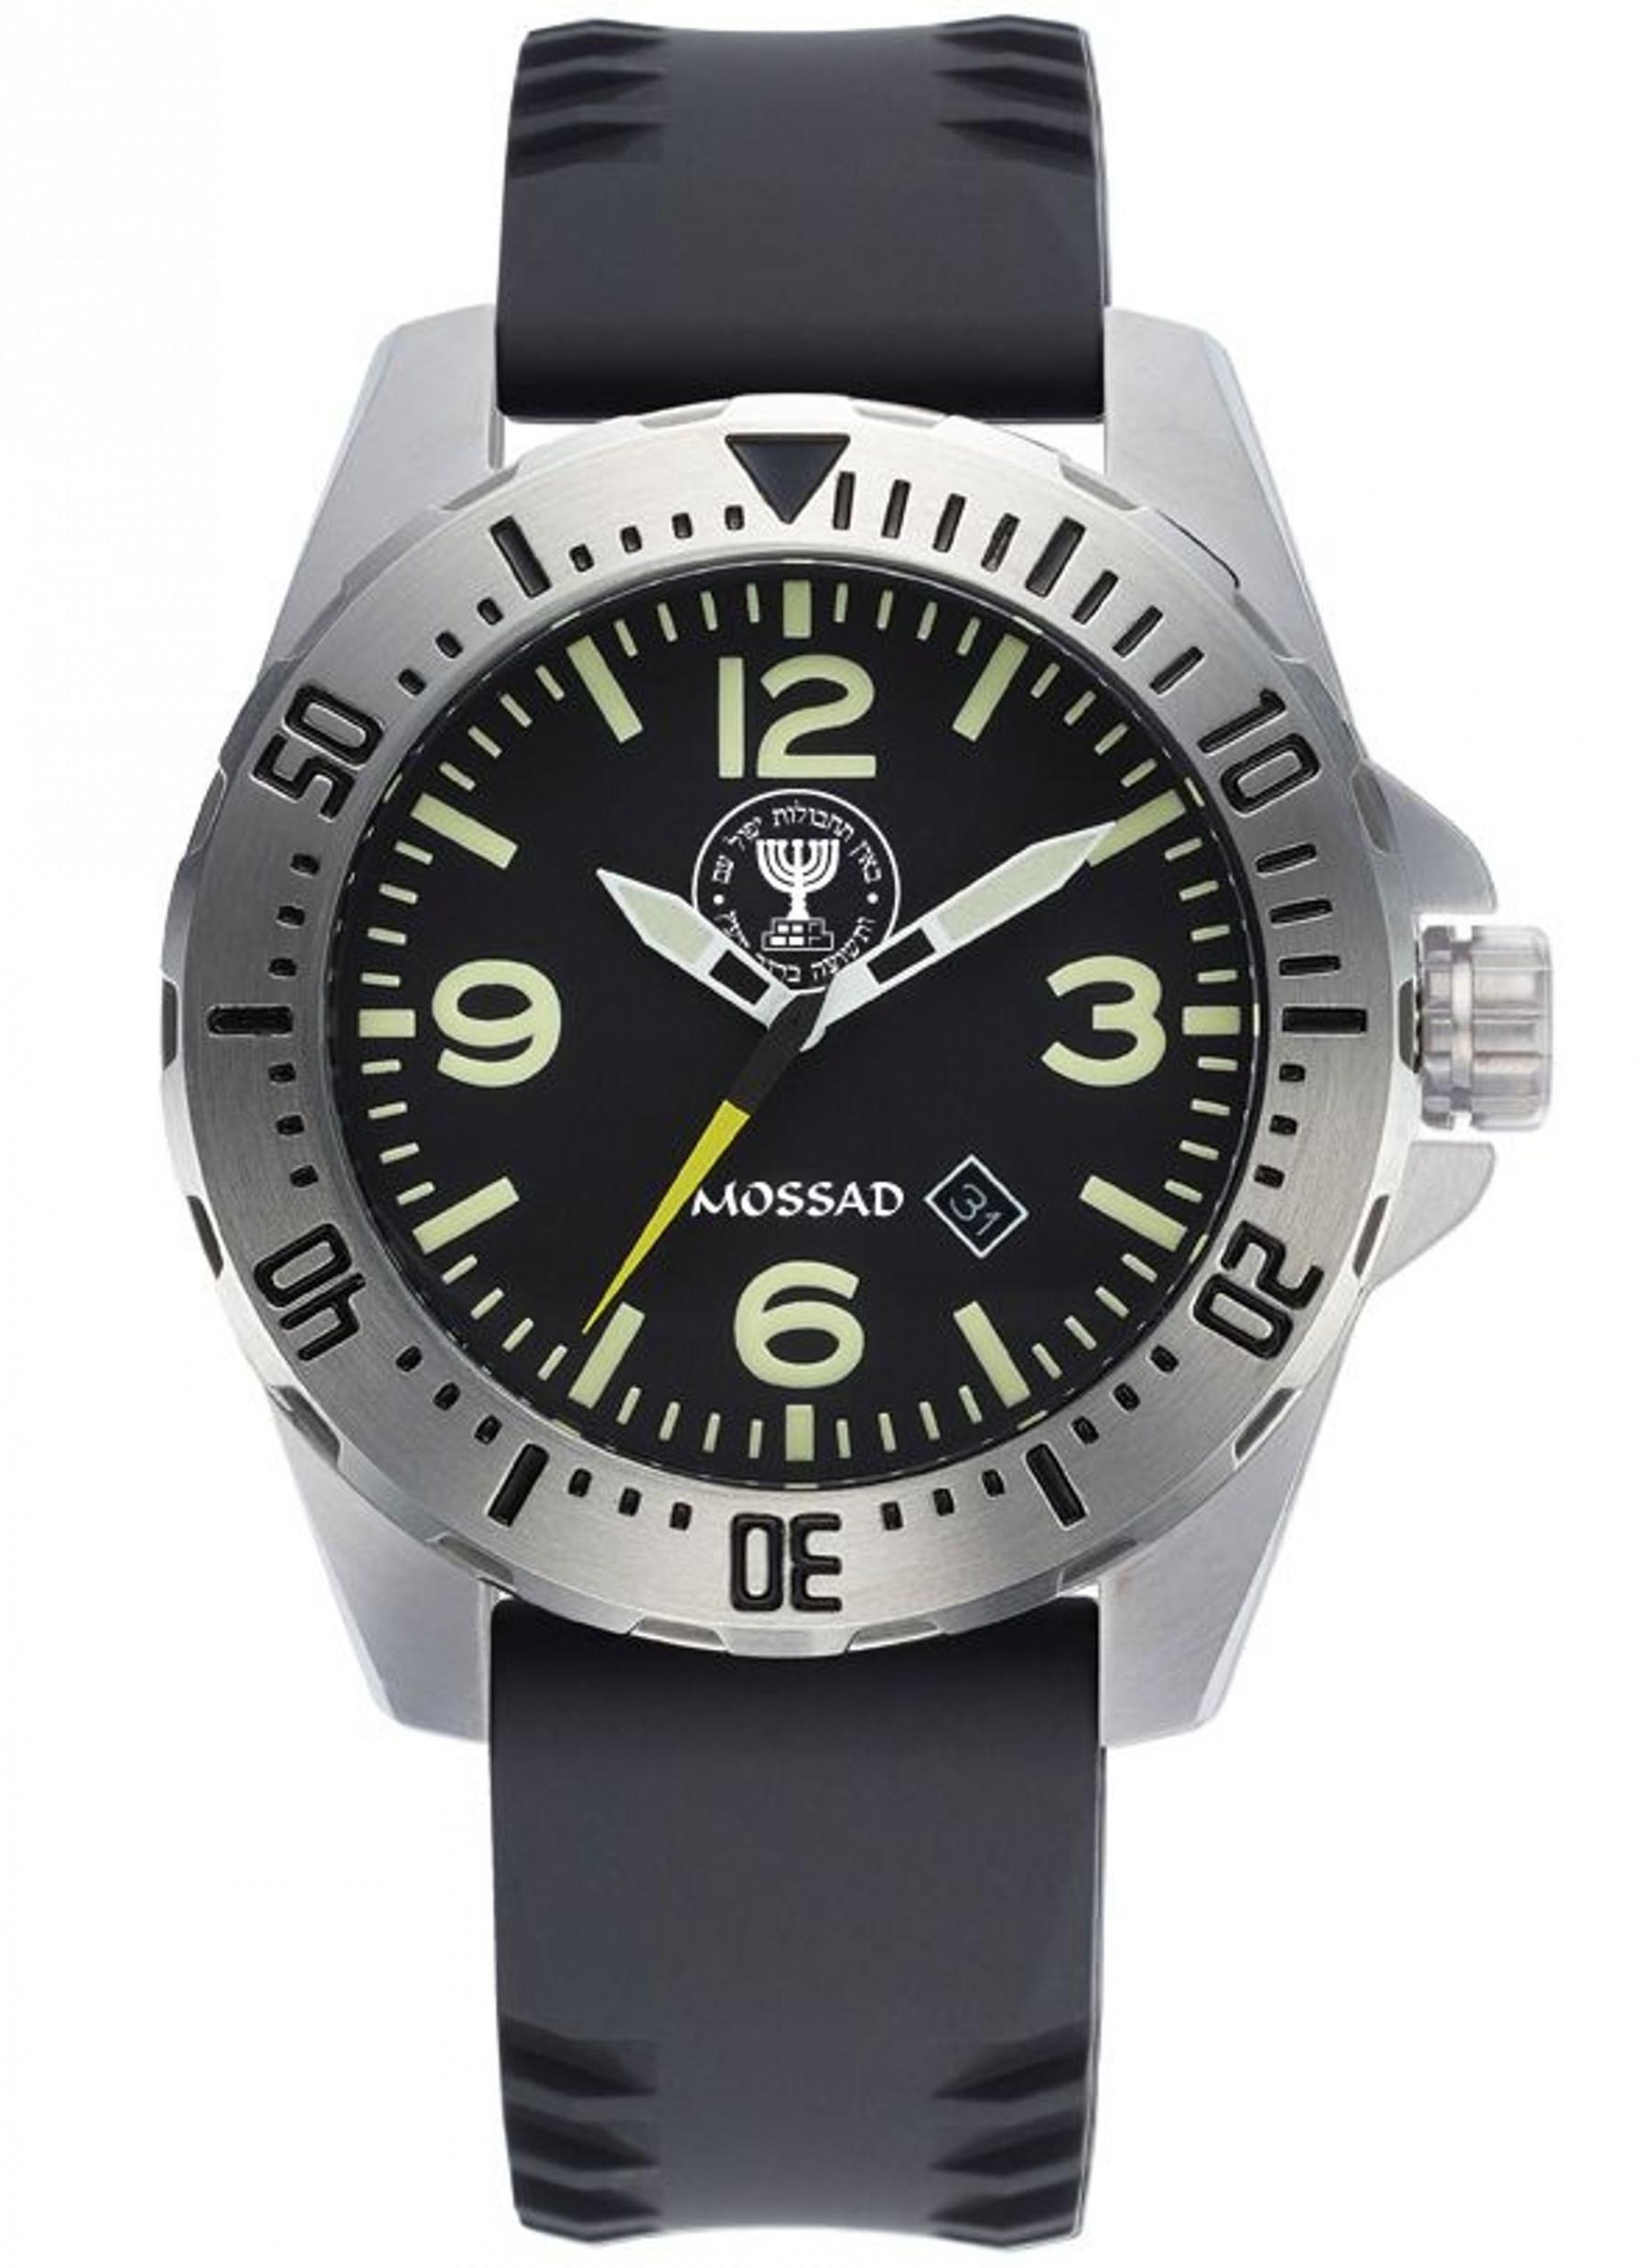 שעון צלילה עם סמל של המוסד